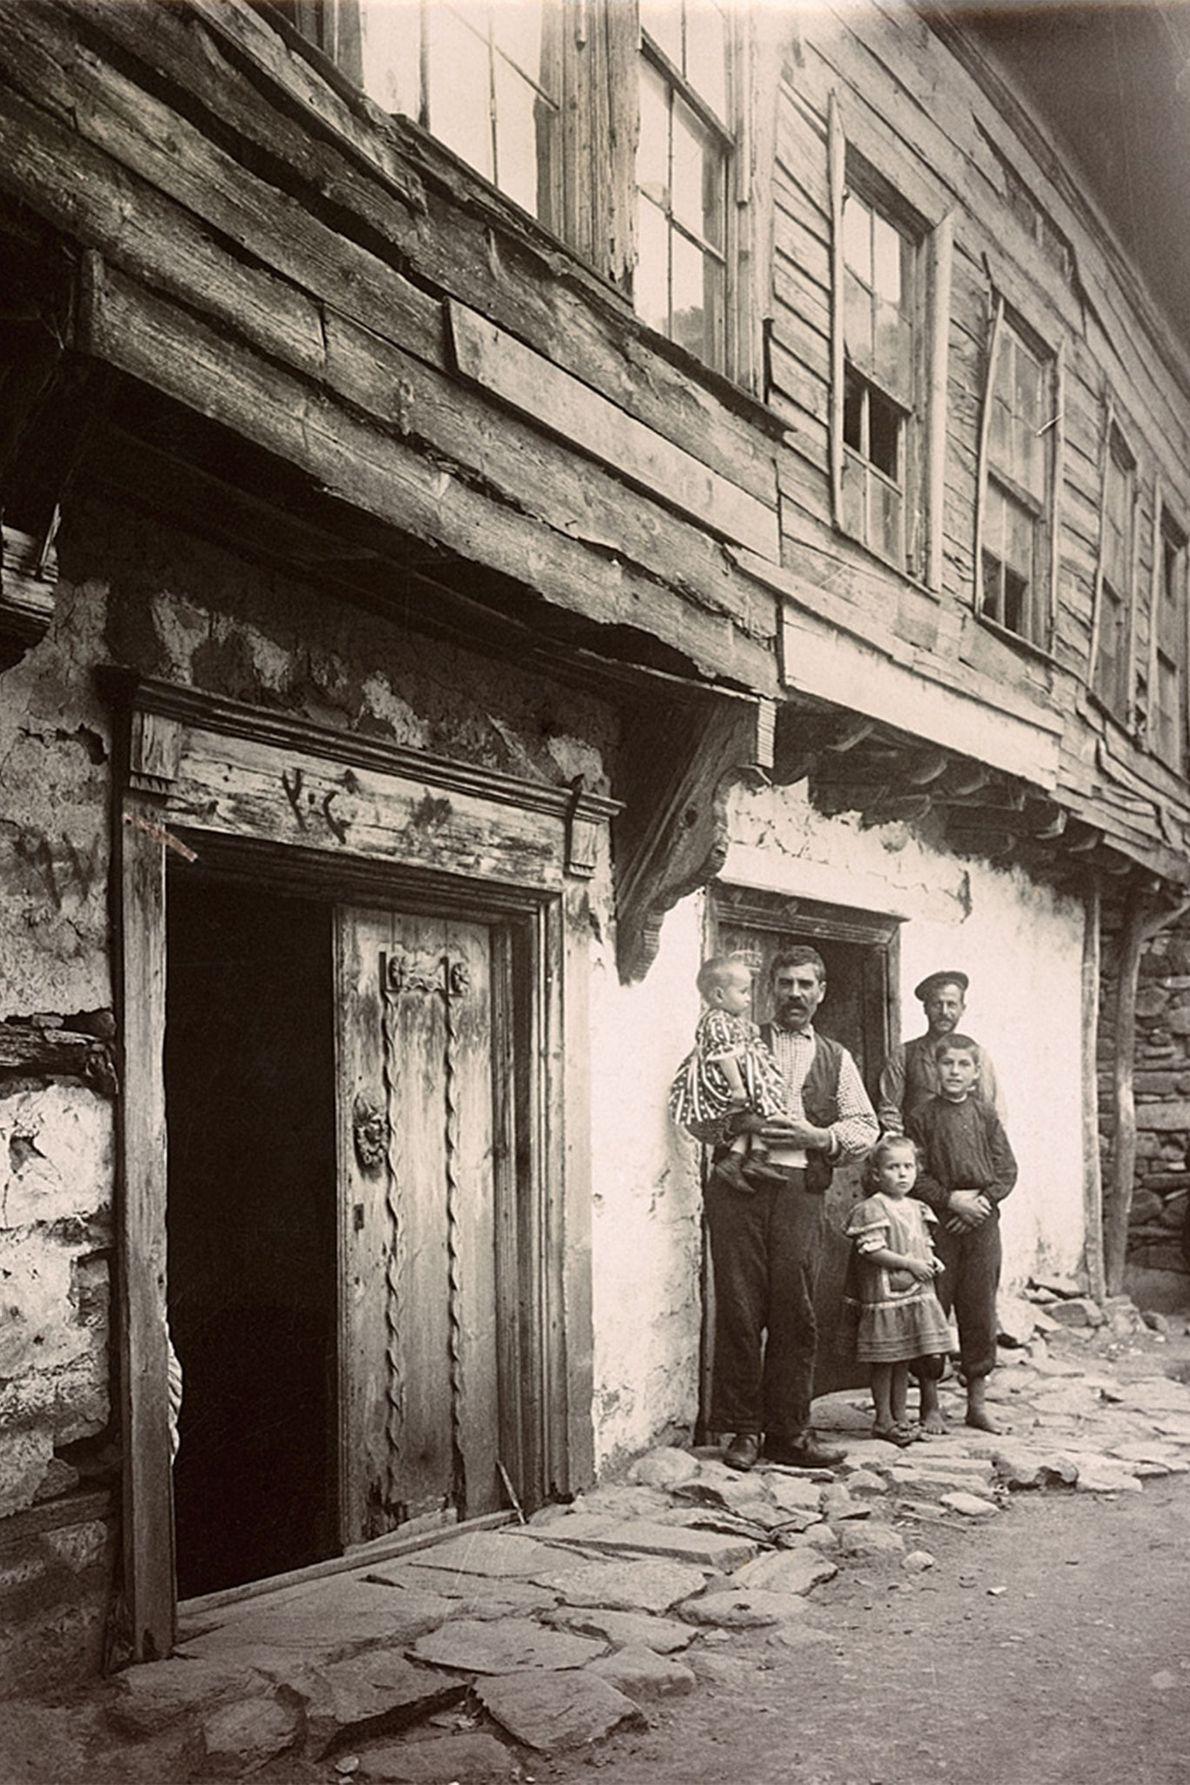 Une famille pose le long des bâtiments d'une ruelle pavée sur l'île turque de Marmara, située ...